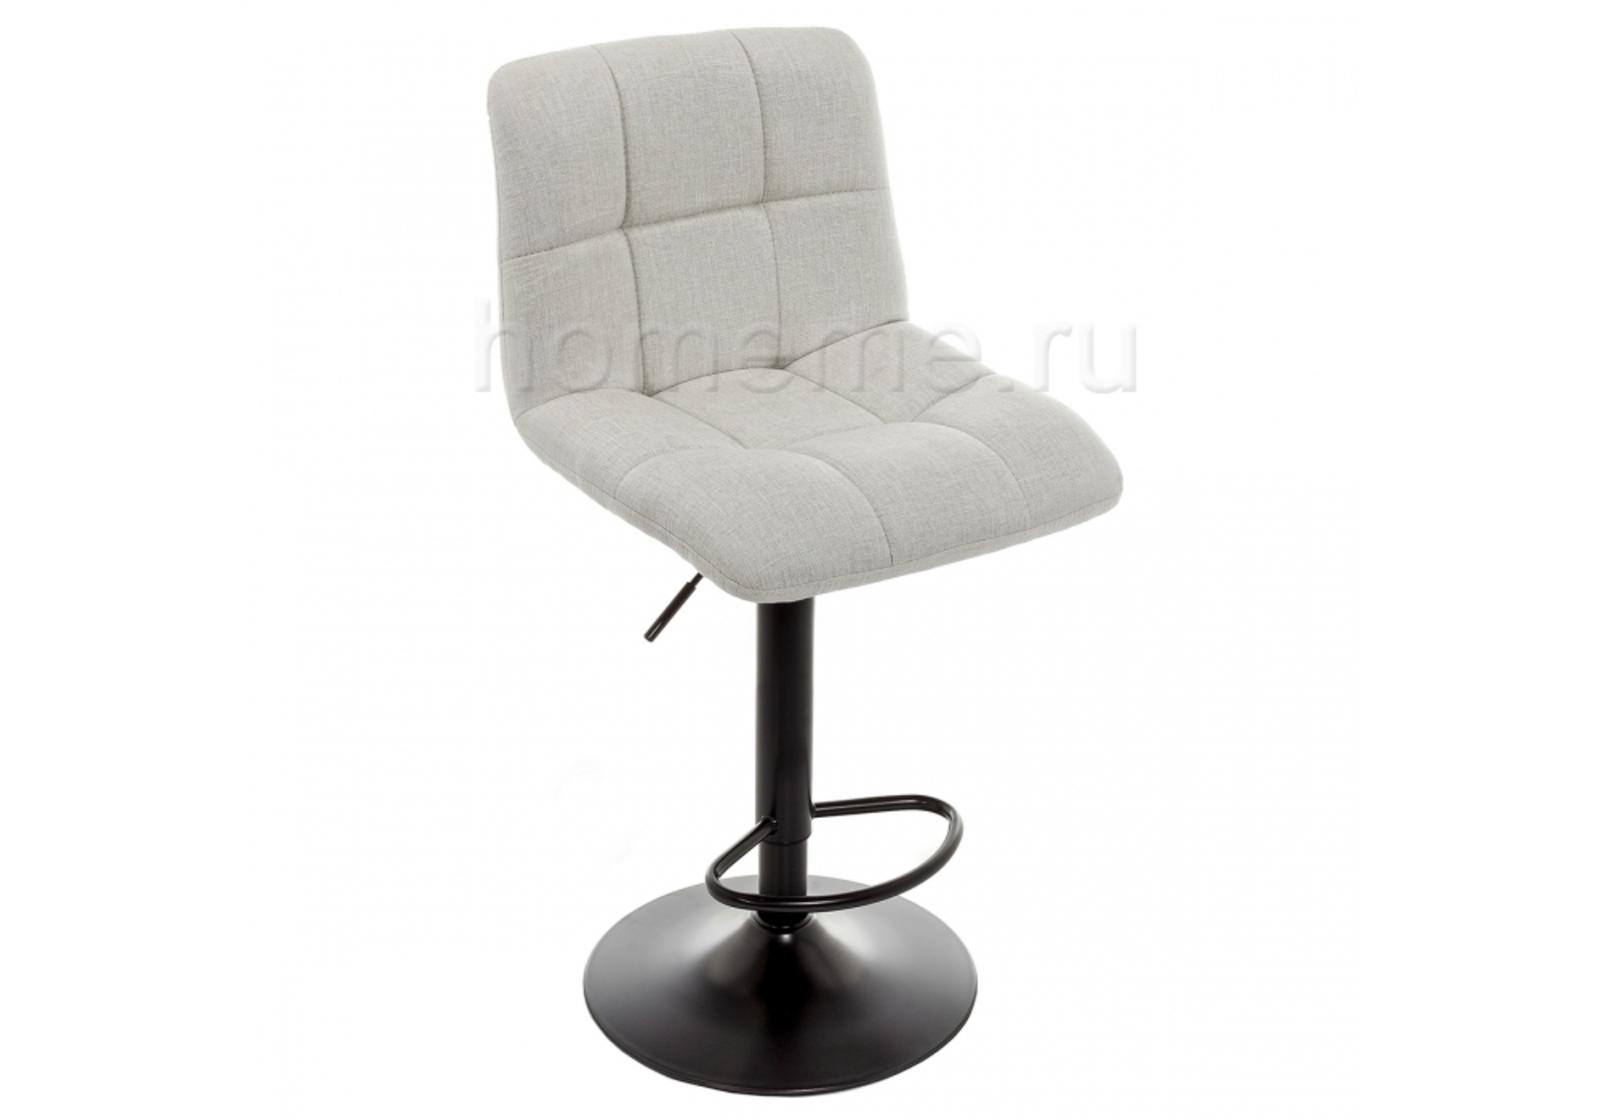 Барный стул Milton бежевый 11354 Milton бежевый 11354 (17551)